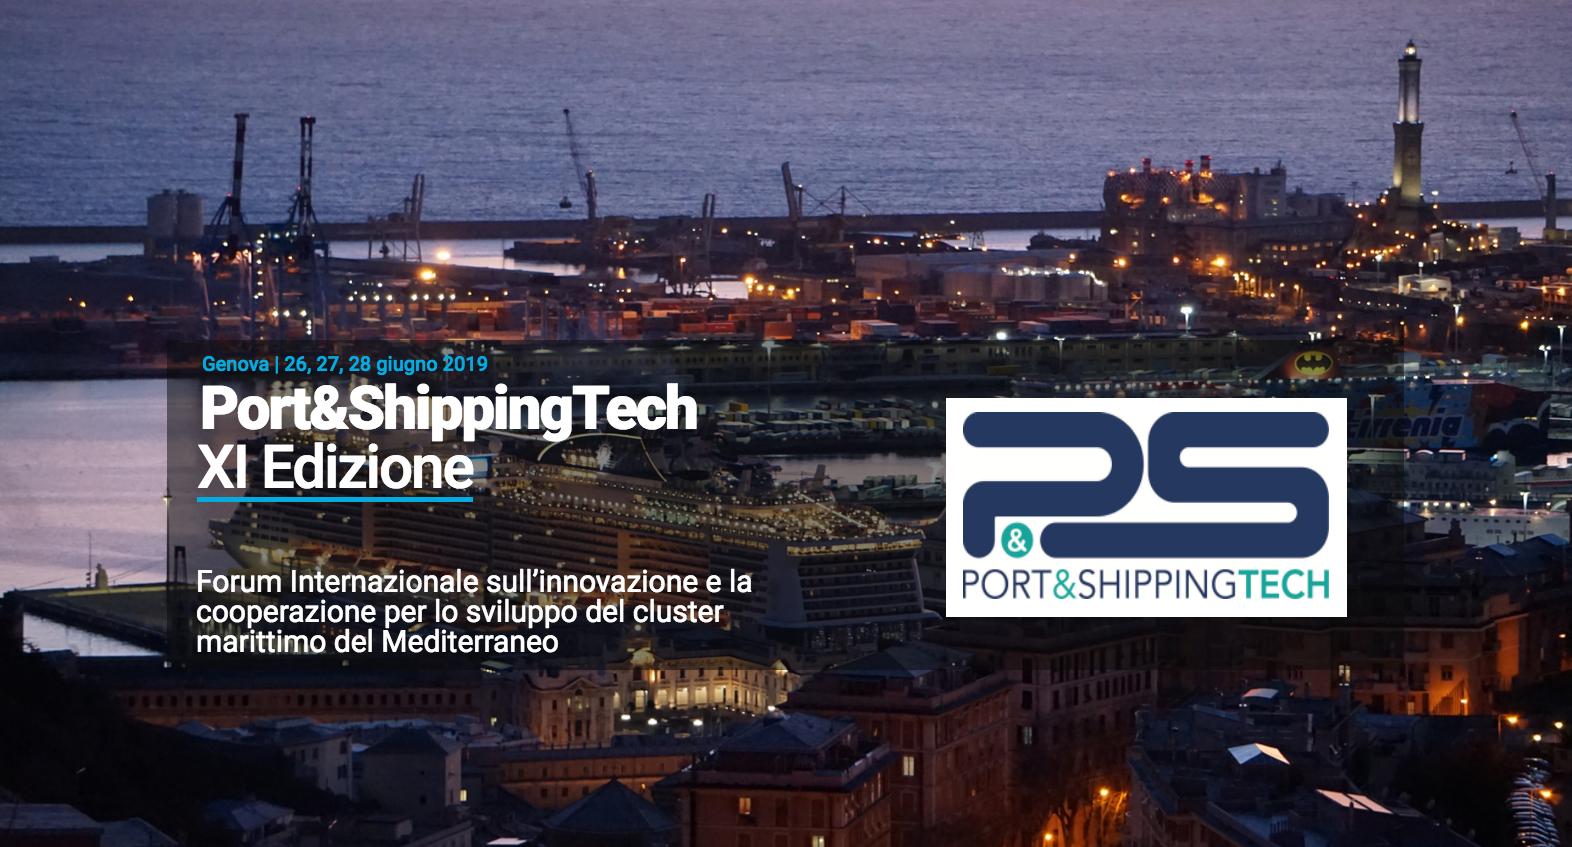 Cluster al Port&ShippingTech nell'ambito della Genoa Shipping Week